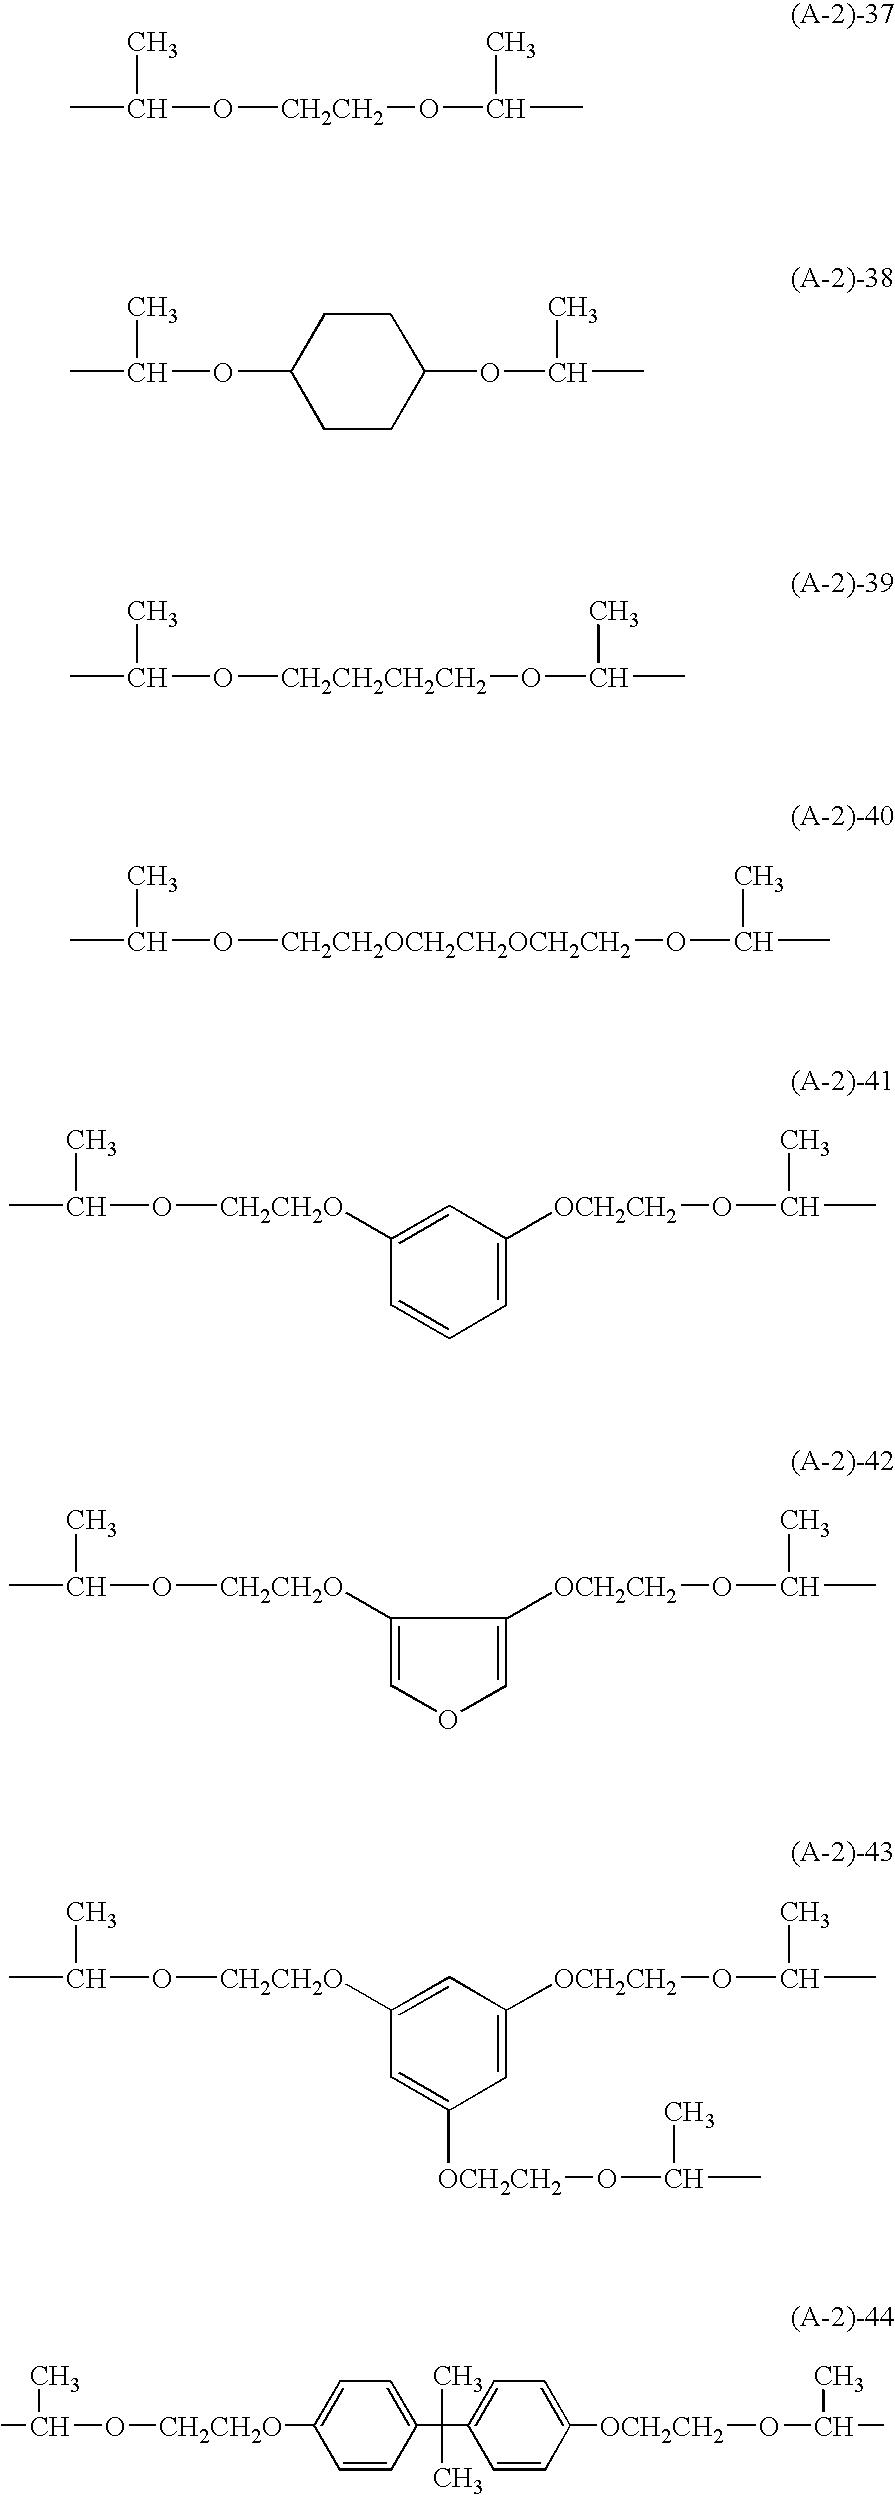 Figure US20080020289A1-20080124-C00018